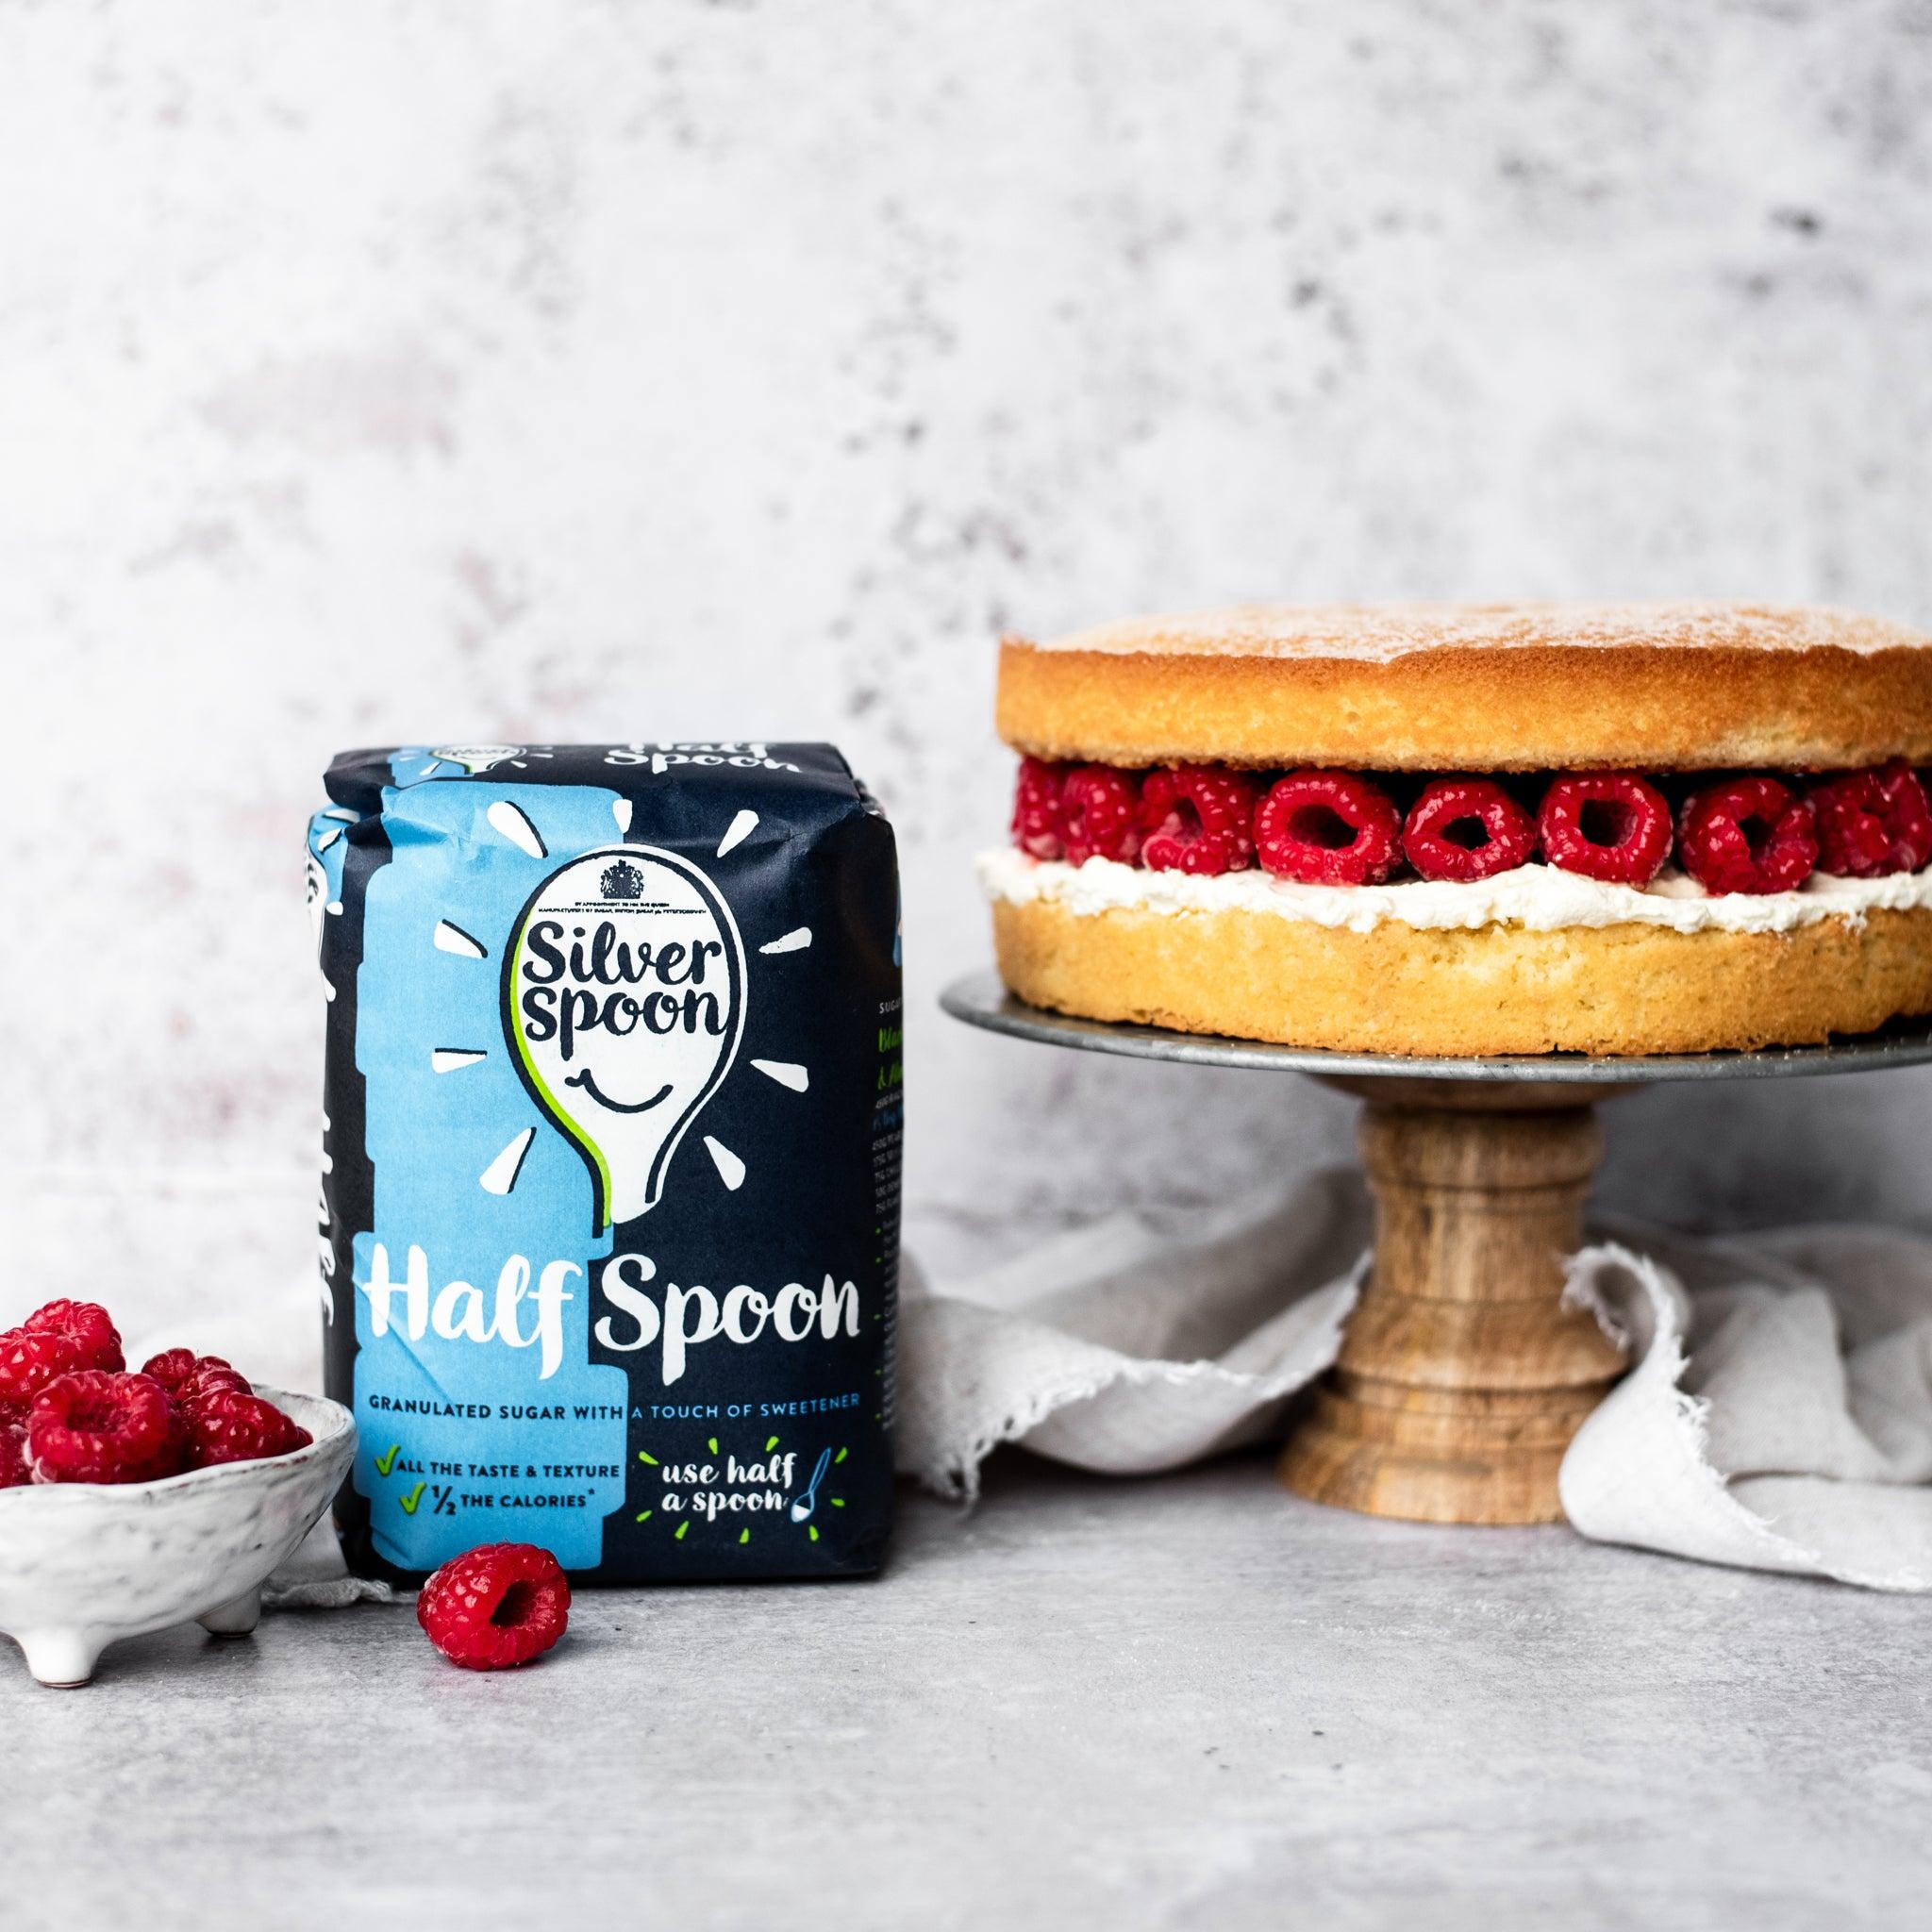 Victoria sponge on cake stand